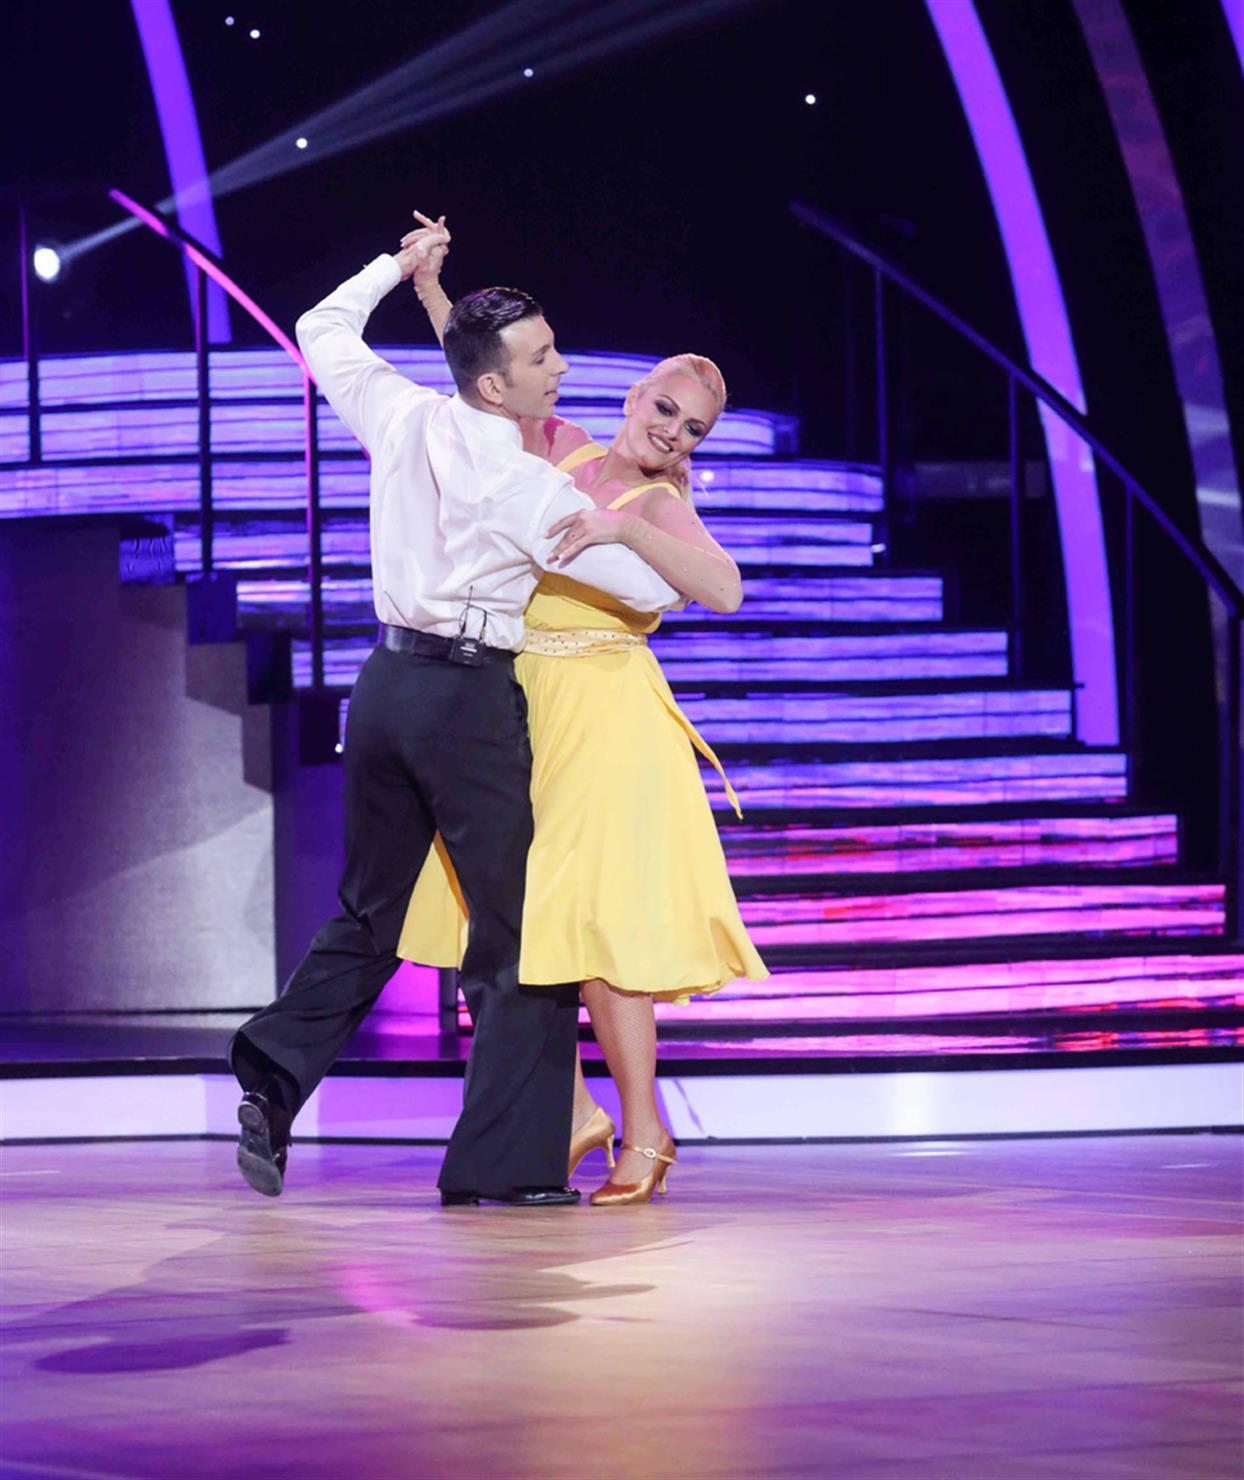 Χριστίνα Λαμπίρη - DANCING WITH THE STARS - LIVE 1